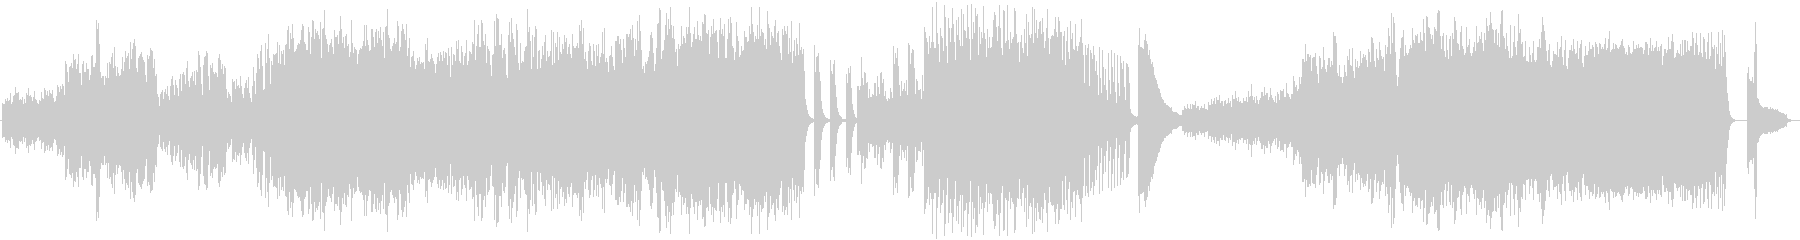 ピアノ独奏による幻想的な曲の未再生の波形